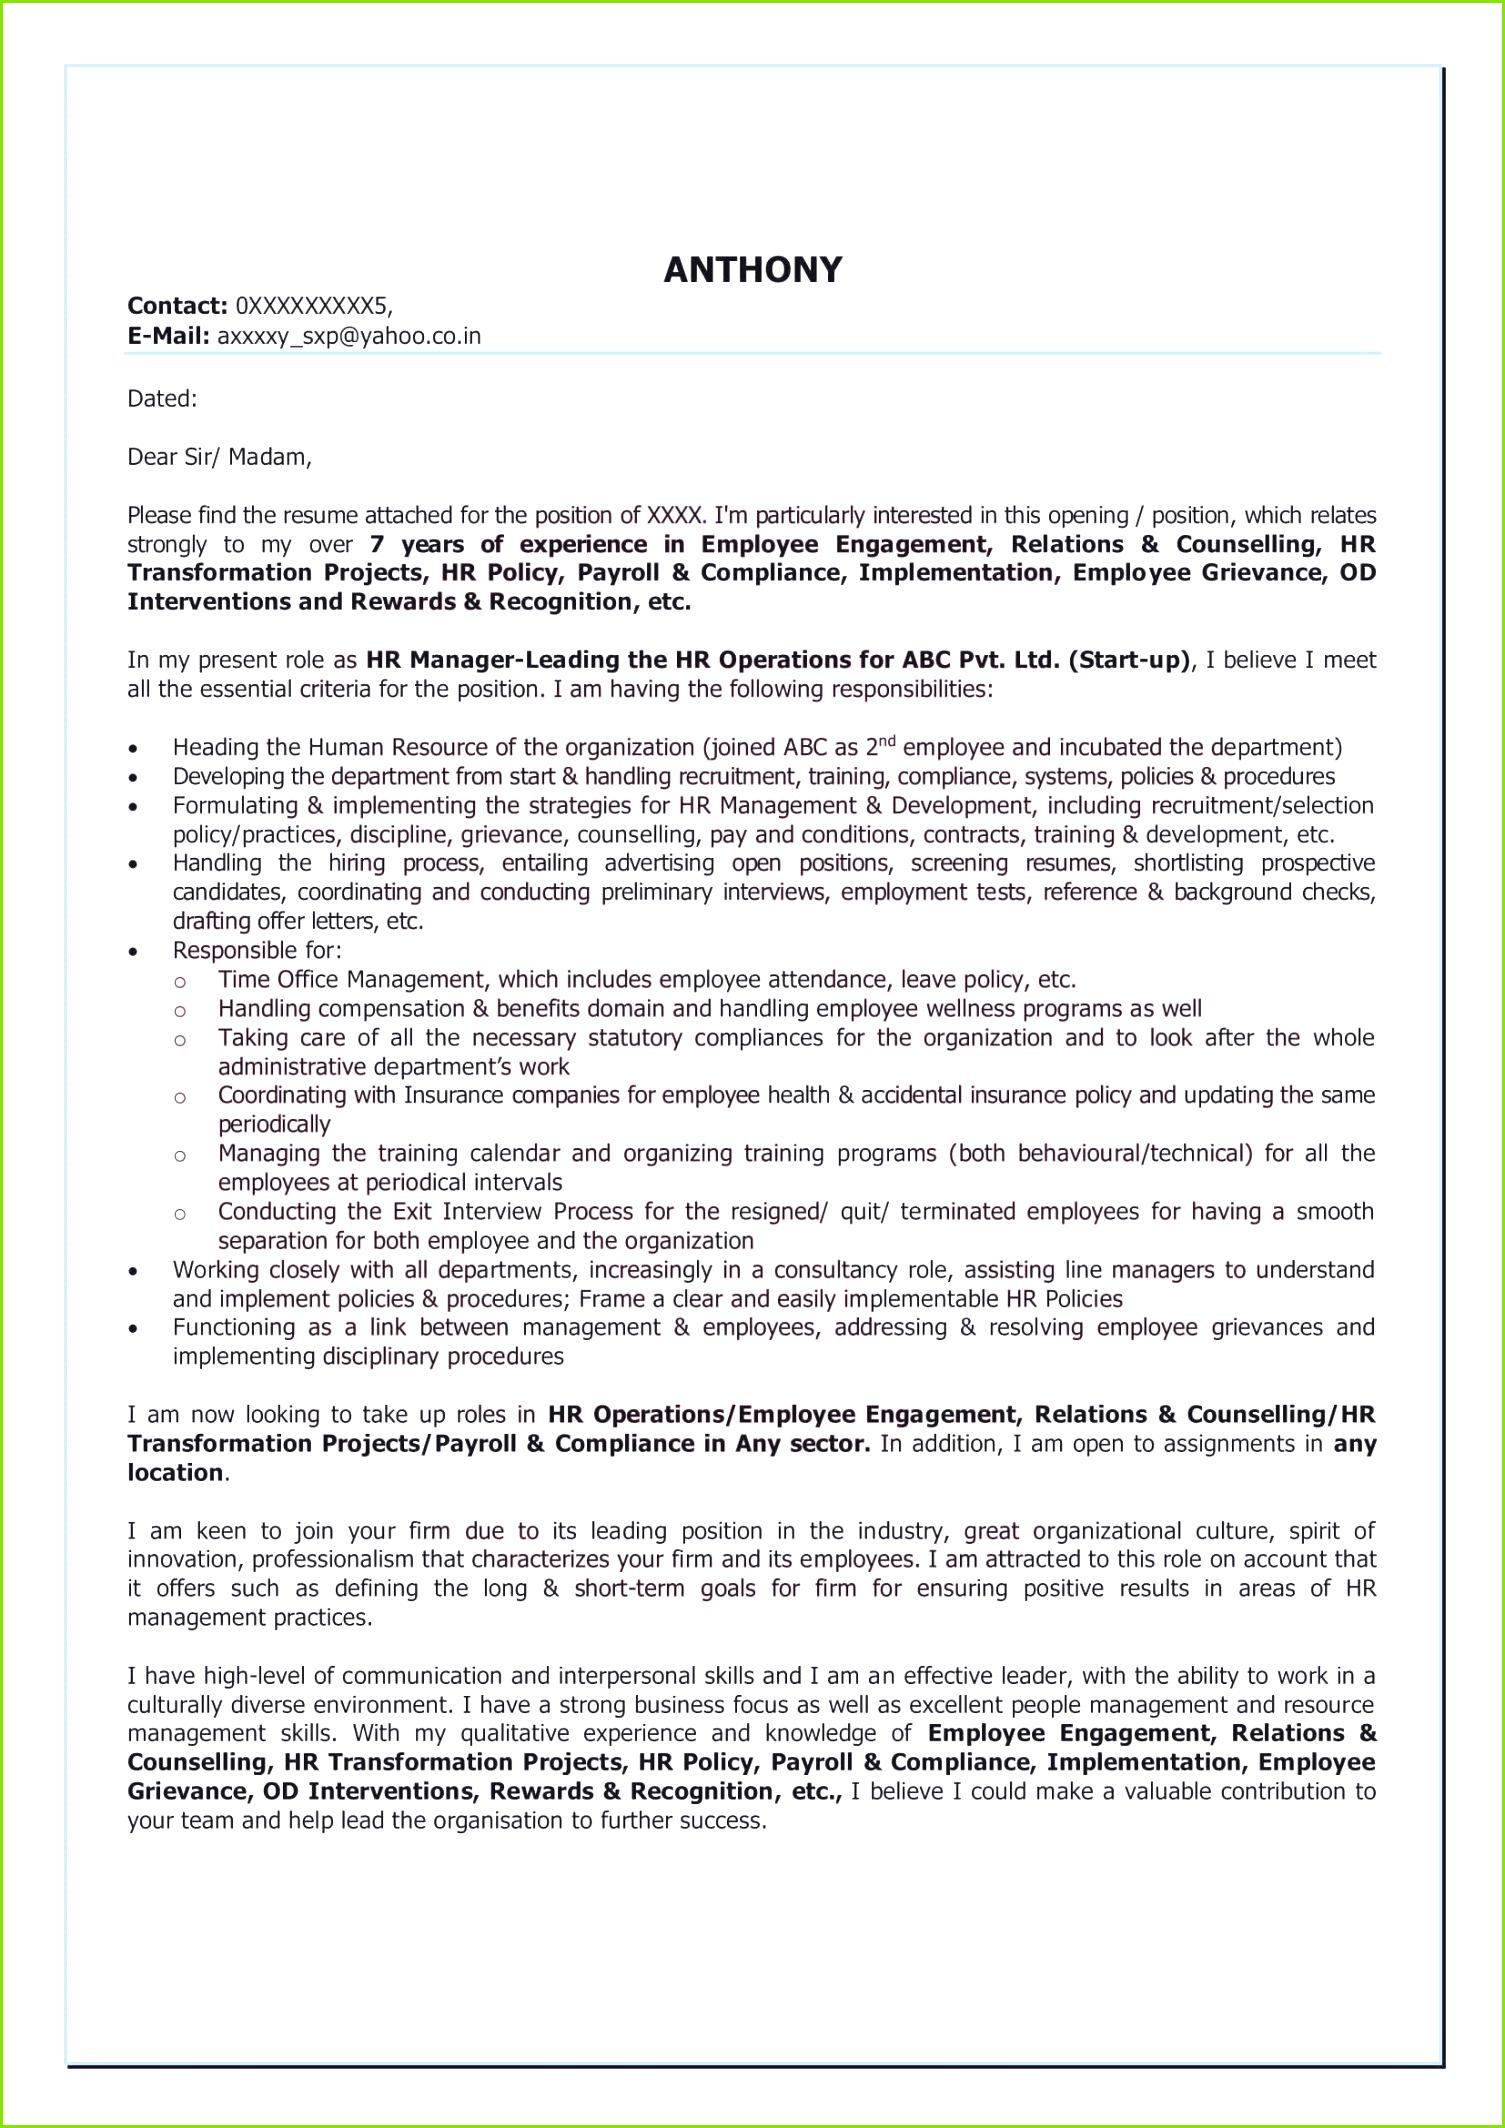 Die Erstaunliche 34 Kabel Deutschland Kündigung Fax Tolle Vali rungsprotokollvorlage Fotos Beispielzusammenfassung kabel deutschland